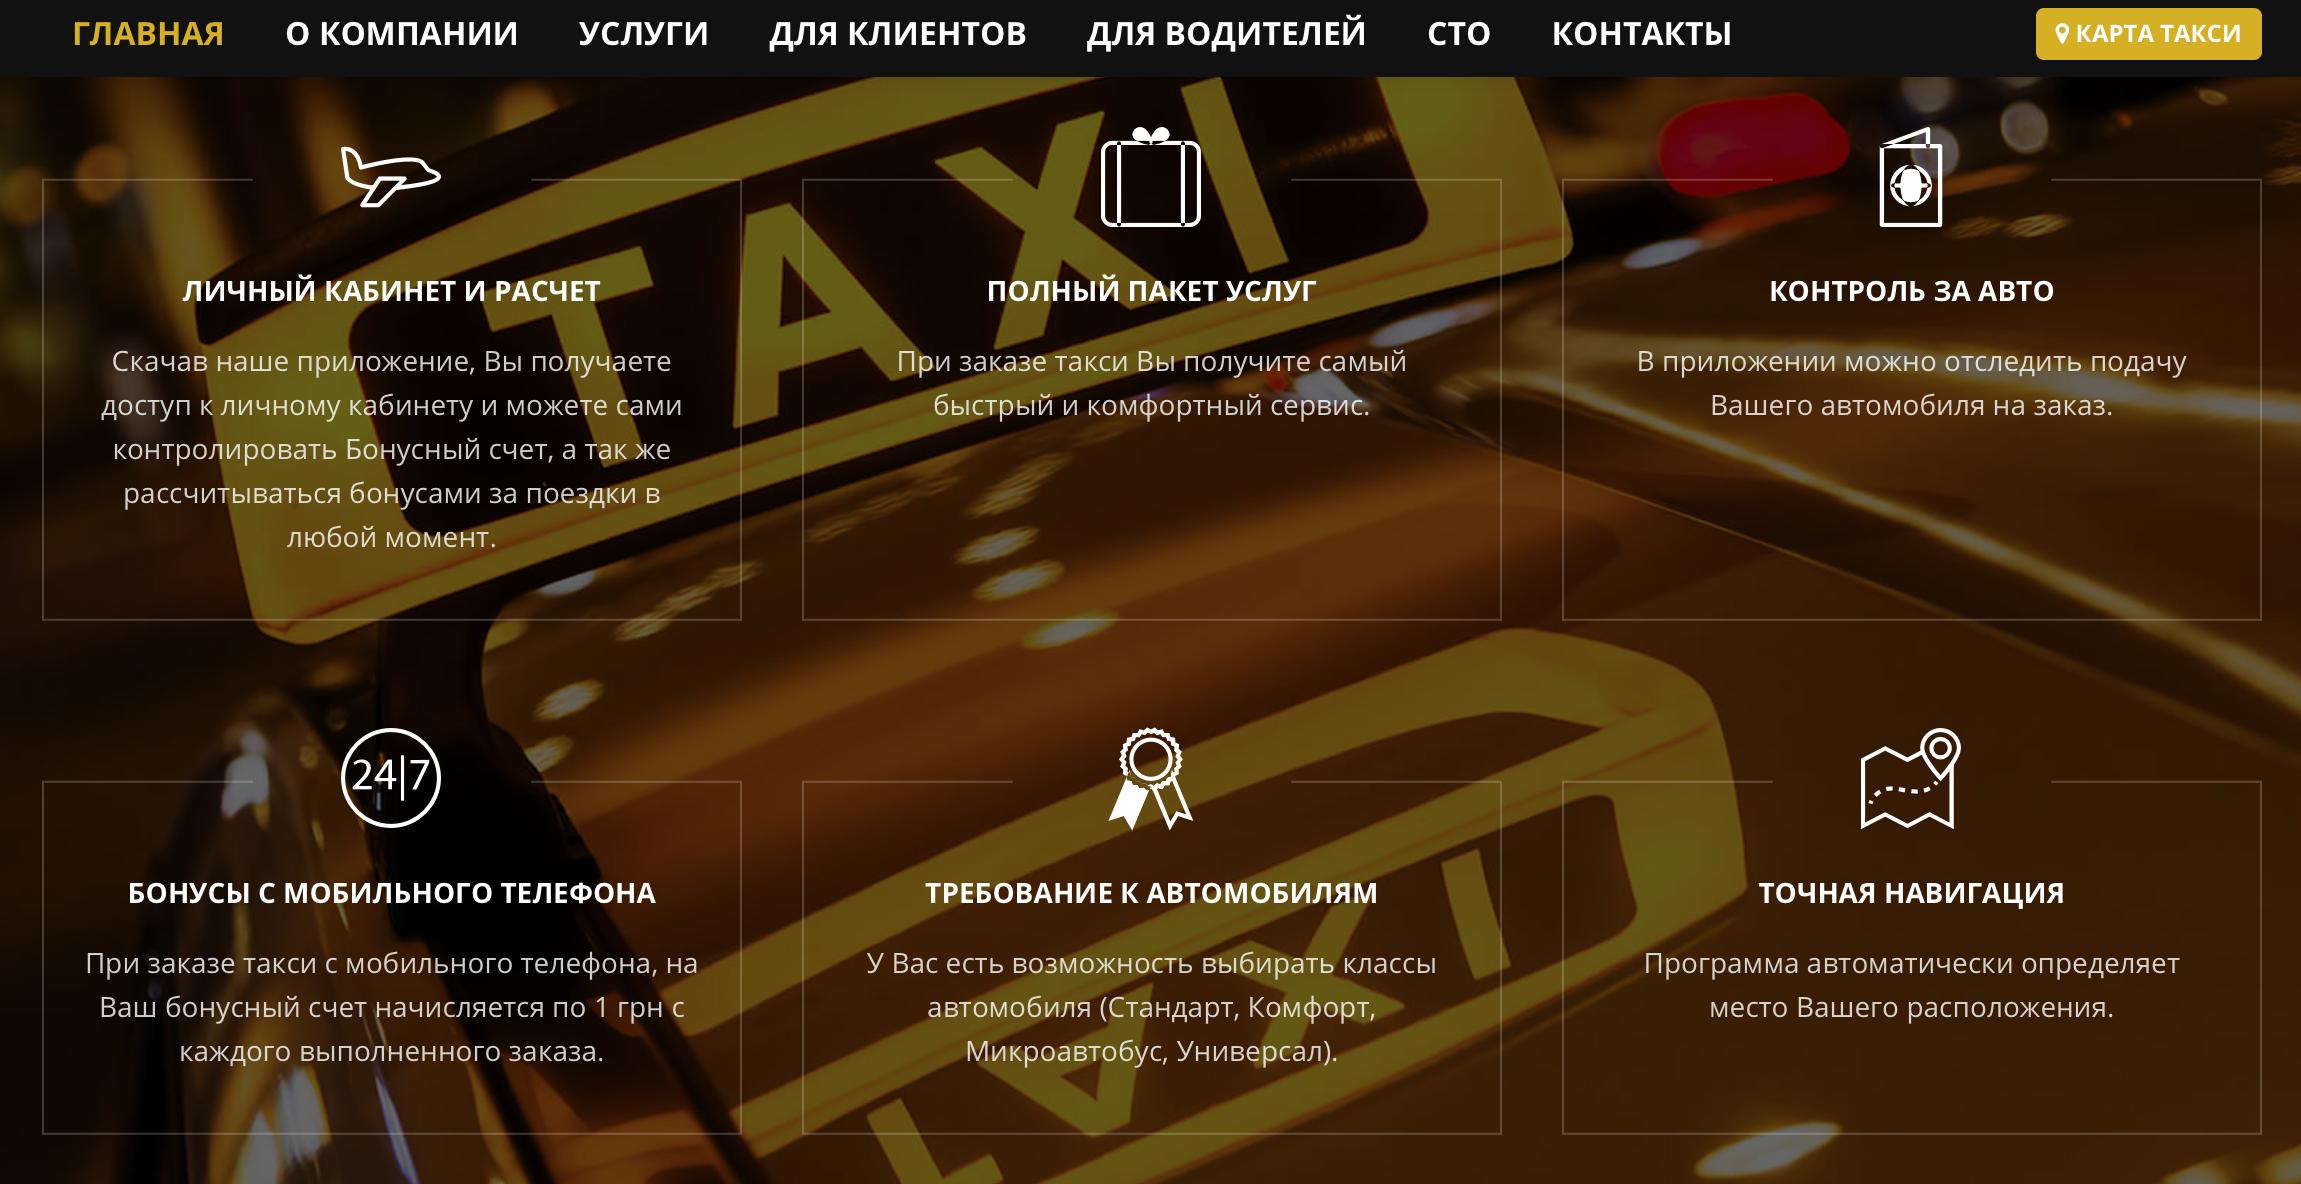 Профессиональное Эконом такси: быстро, качественно, недорого